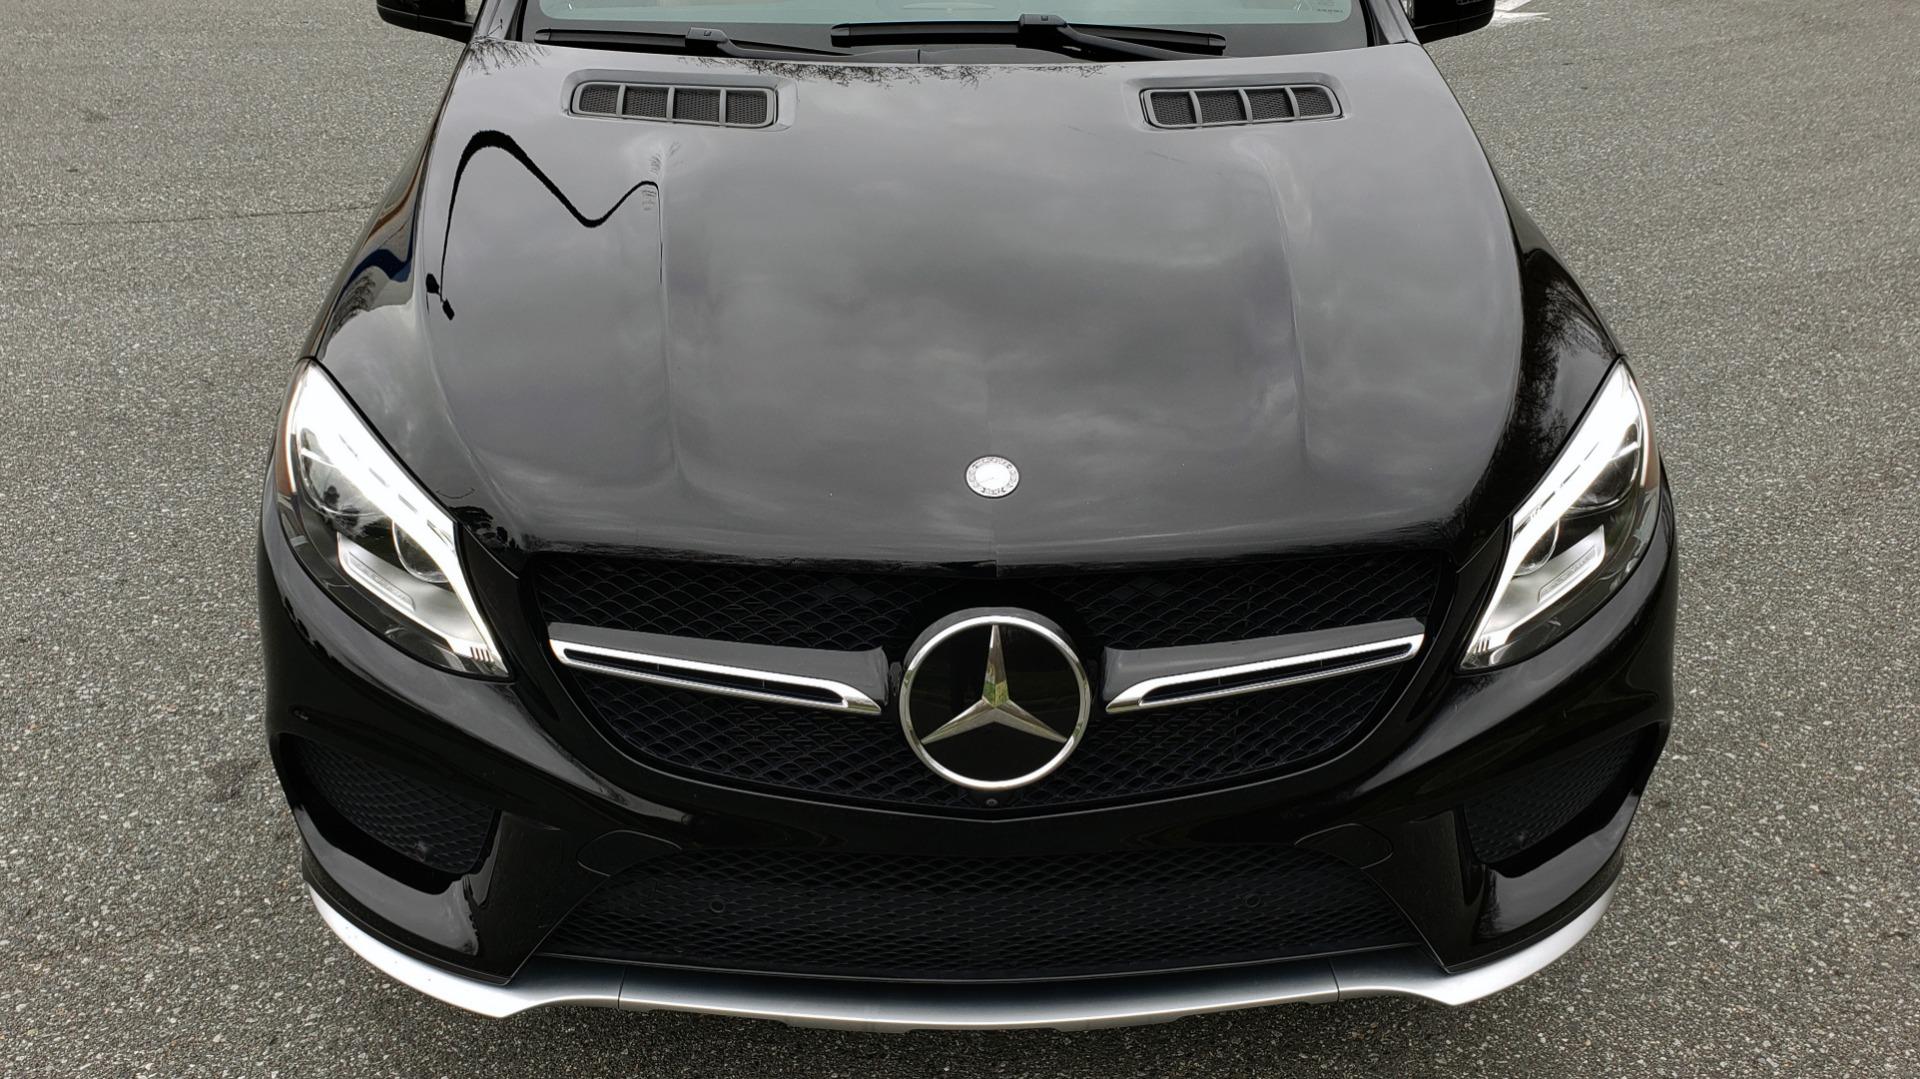 Used 2016 Mercedes-Benz GLE 450 AMG / AWD / PREM PKG / PARK ASST / DRVR ASST / SUNROOF for sale Sold at Formula Imports in Charlotte NC 28227 15